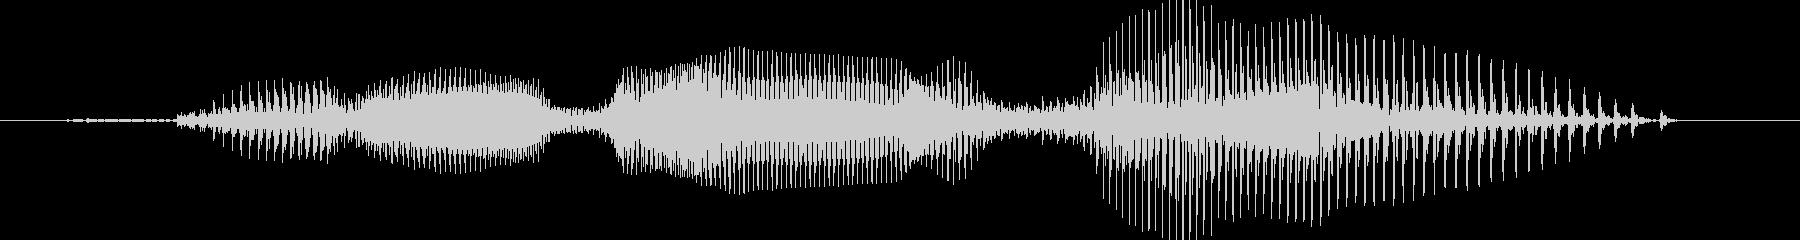 働く車 - ブルドーザーの未再生の波形